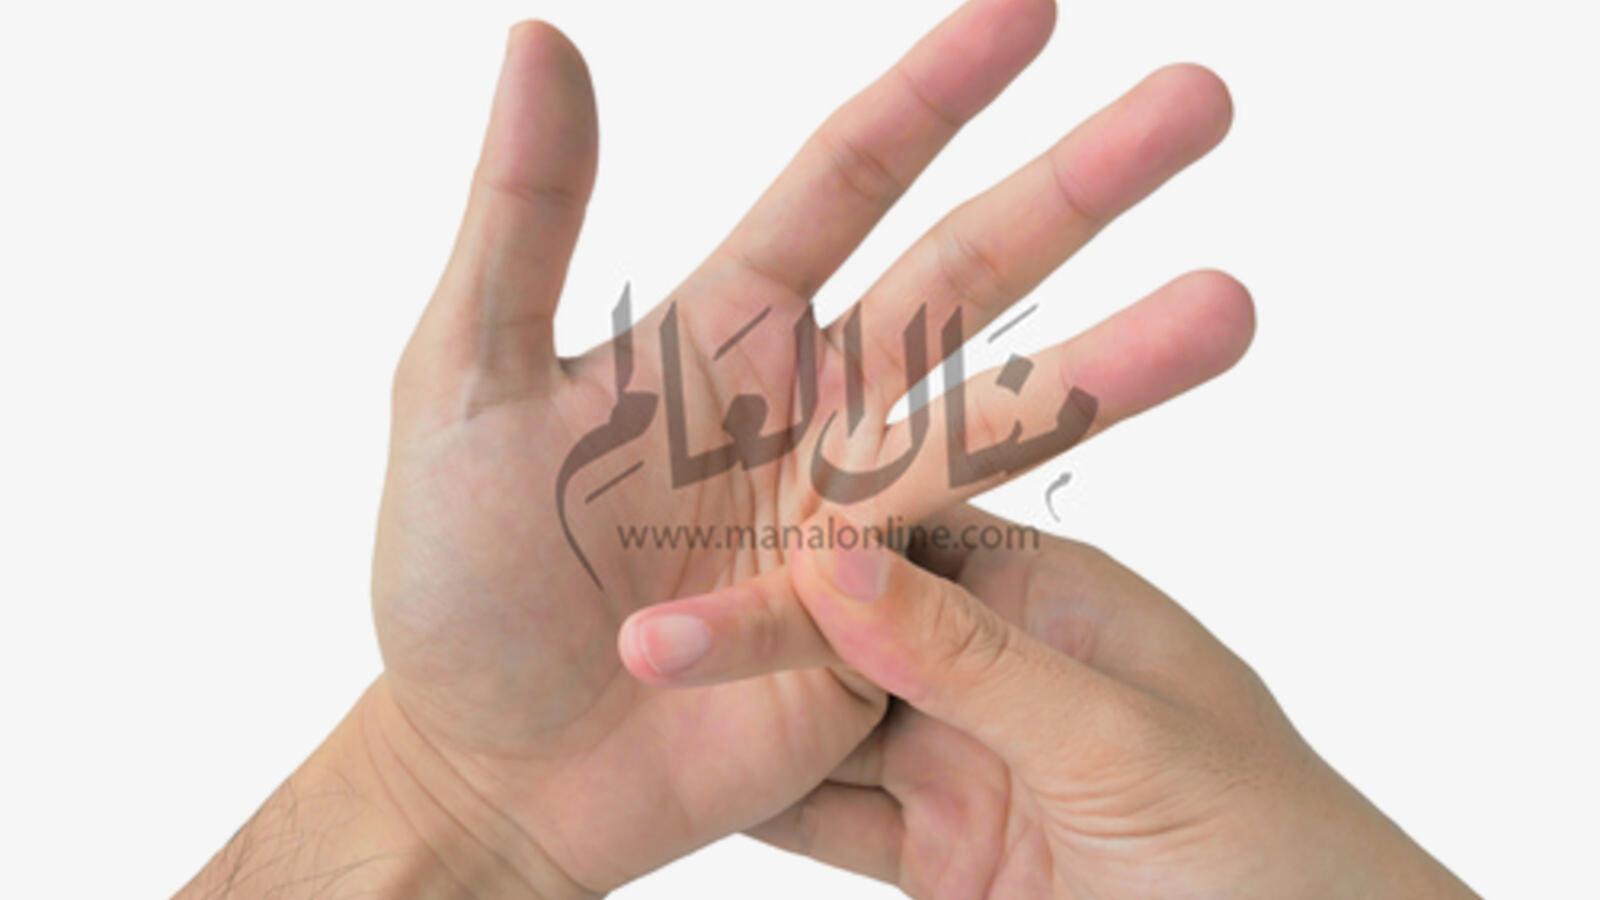 أضرار عادة فرقعة الأصابع - المشاهدات : 1.2K